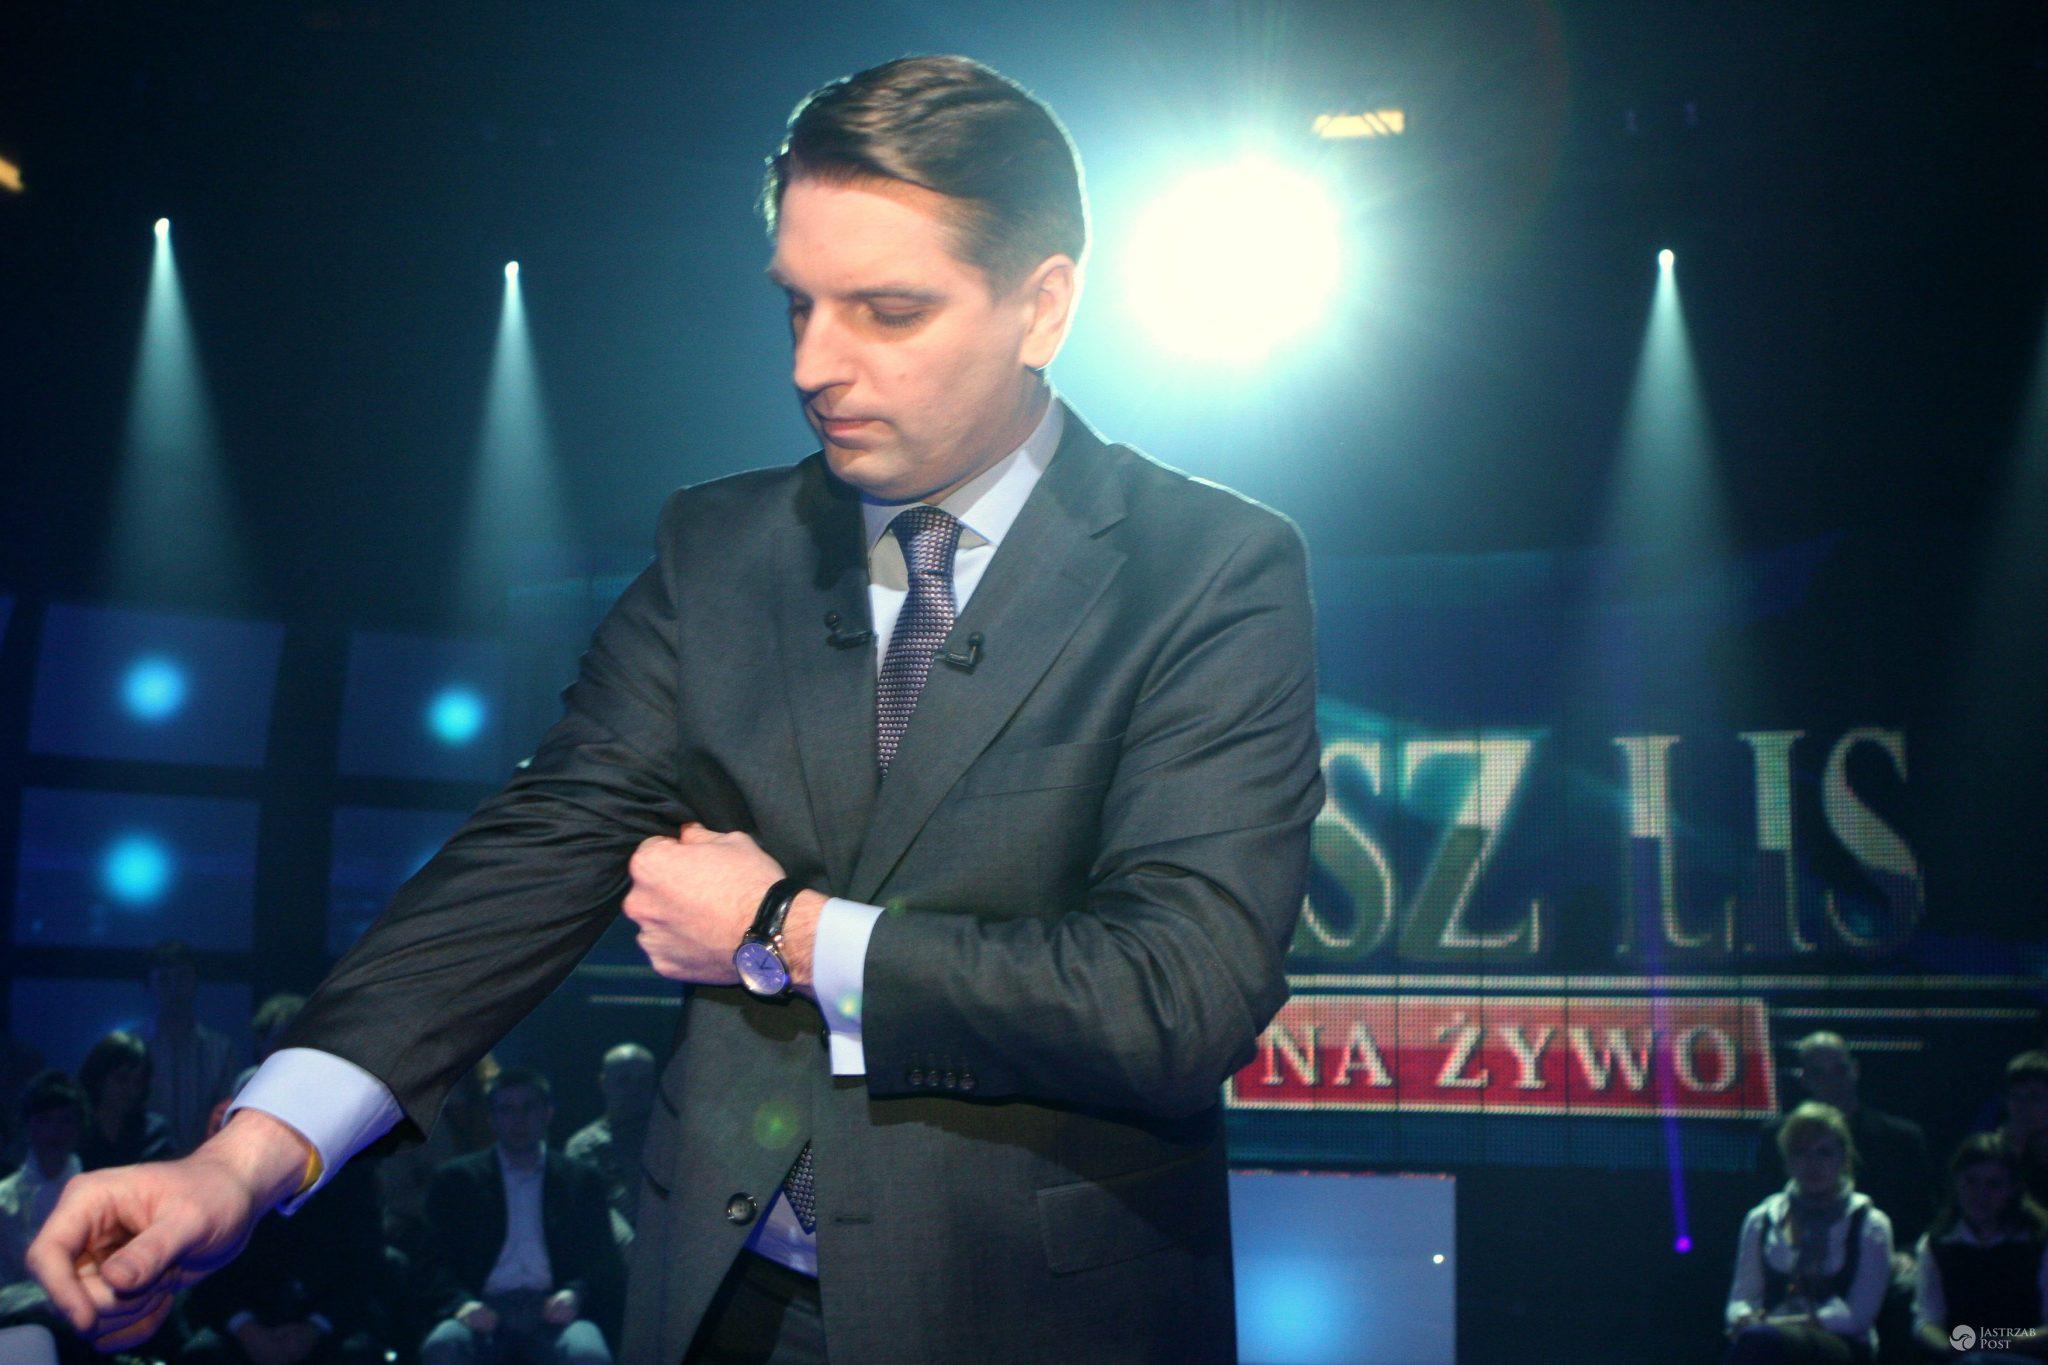 Tomasz Lis pilnie przewieziony do szpitala! W poważnym stanie trafił na OIOM zdjecie 1